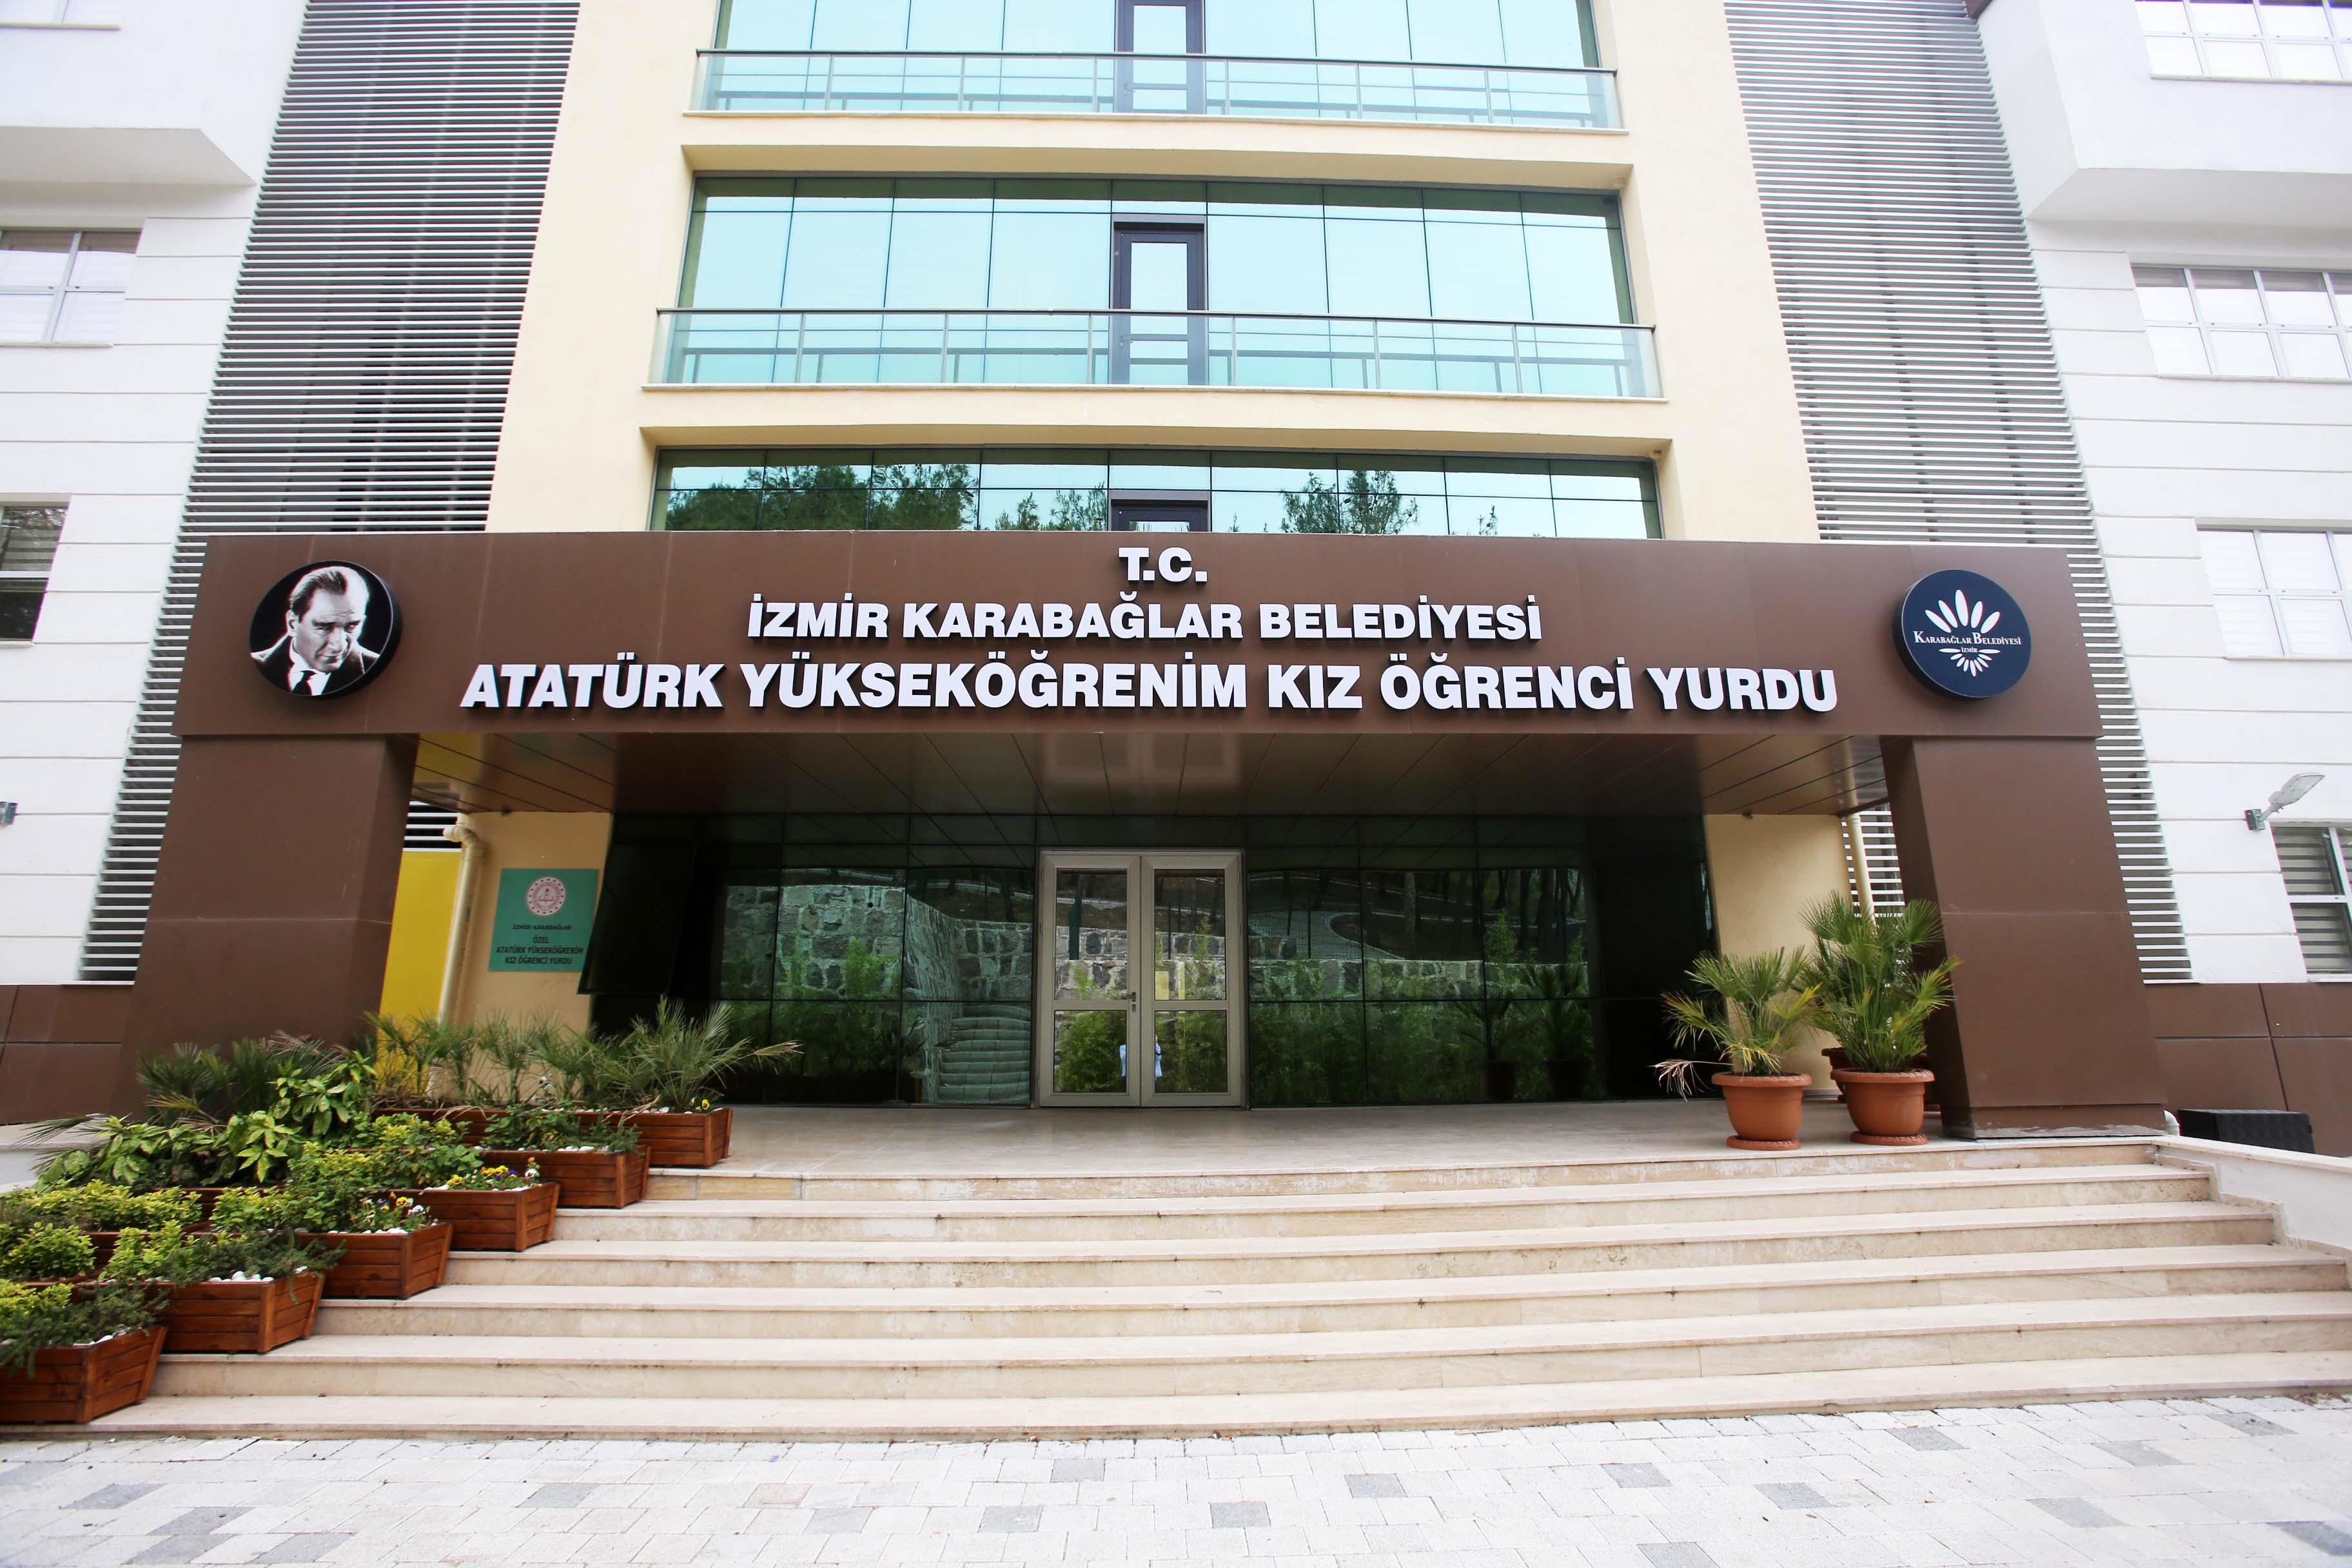 Atatürk kız yurdu